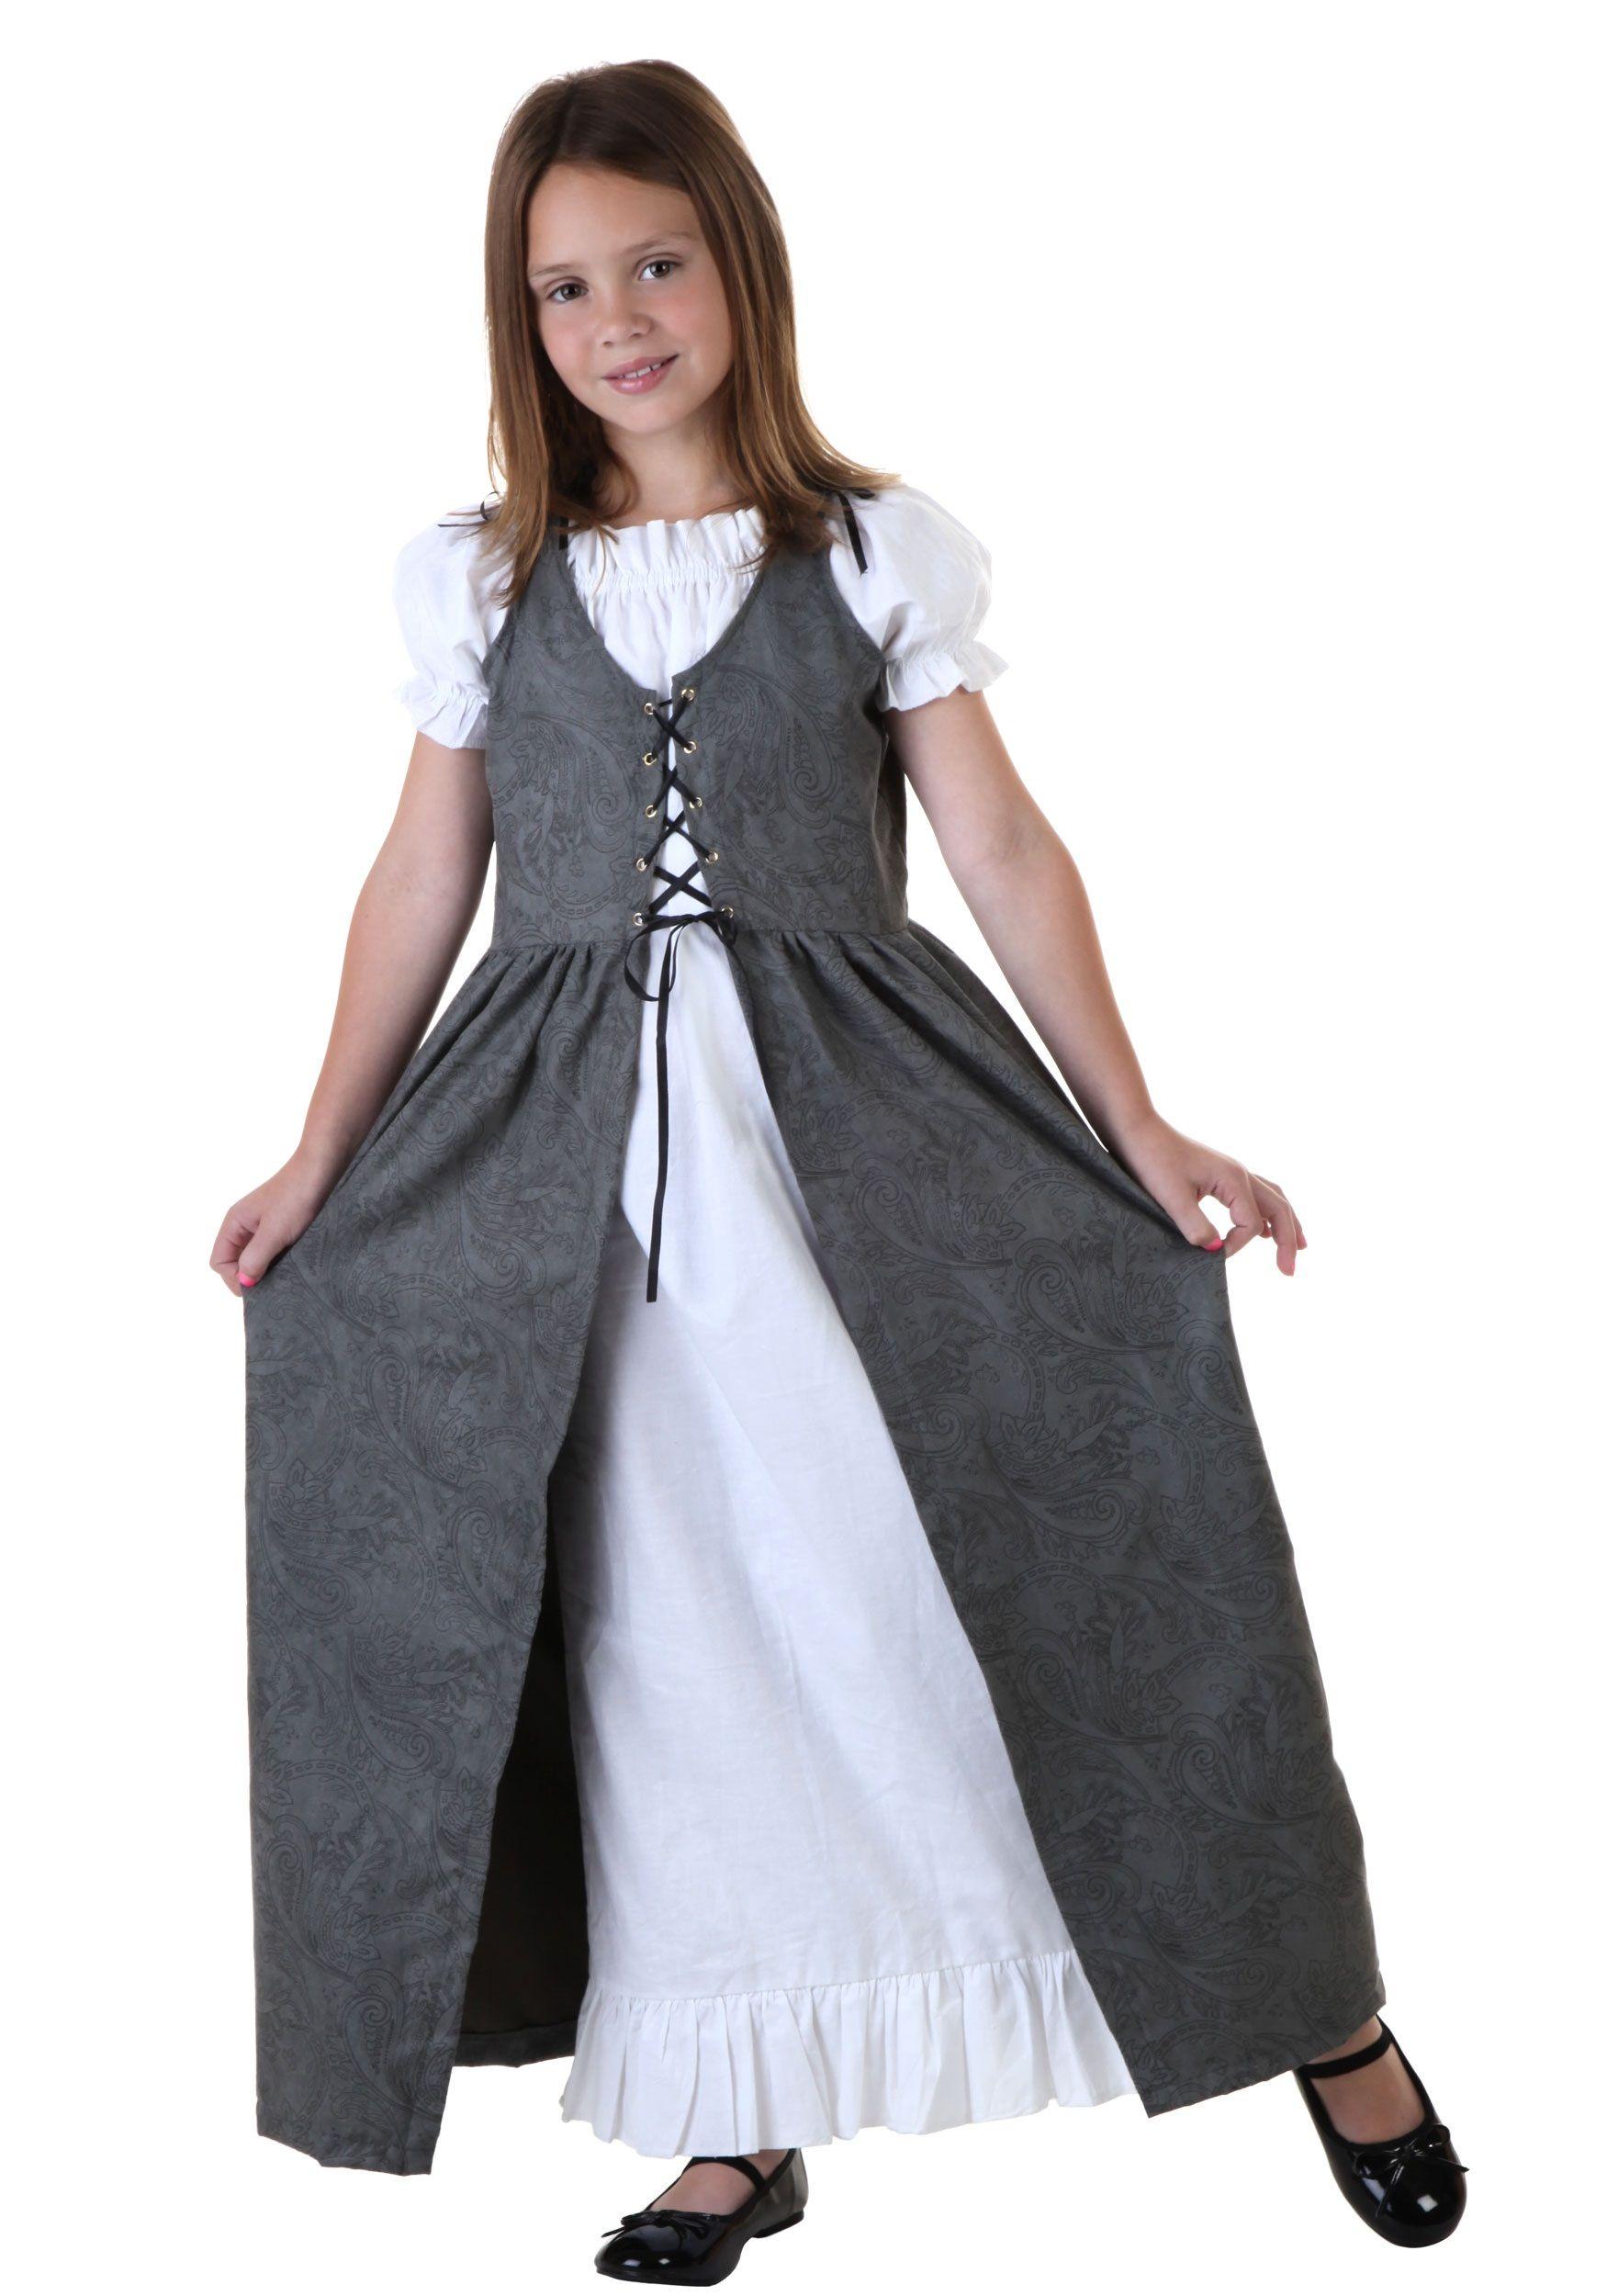 47++ Girls renaissance dress ideas in 2021